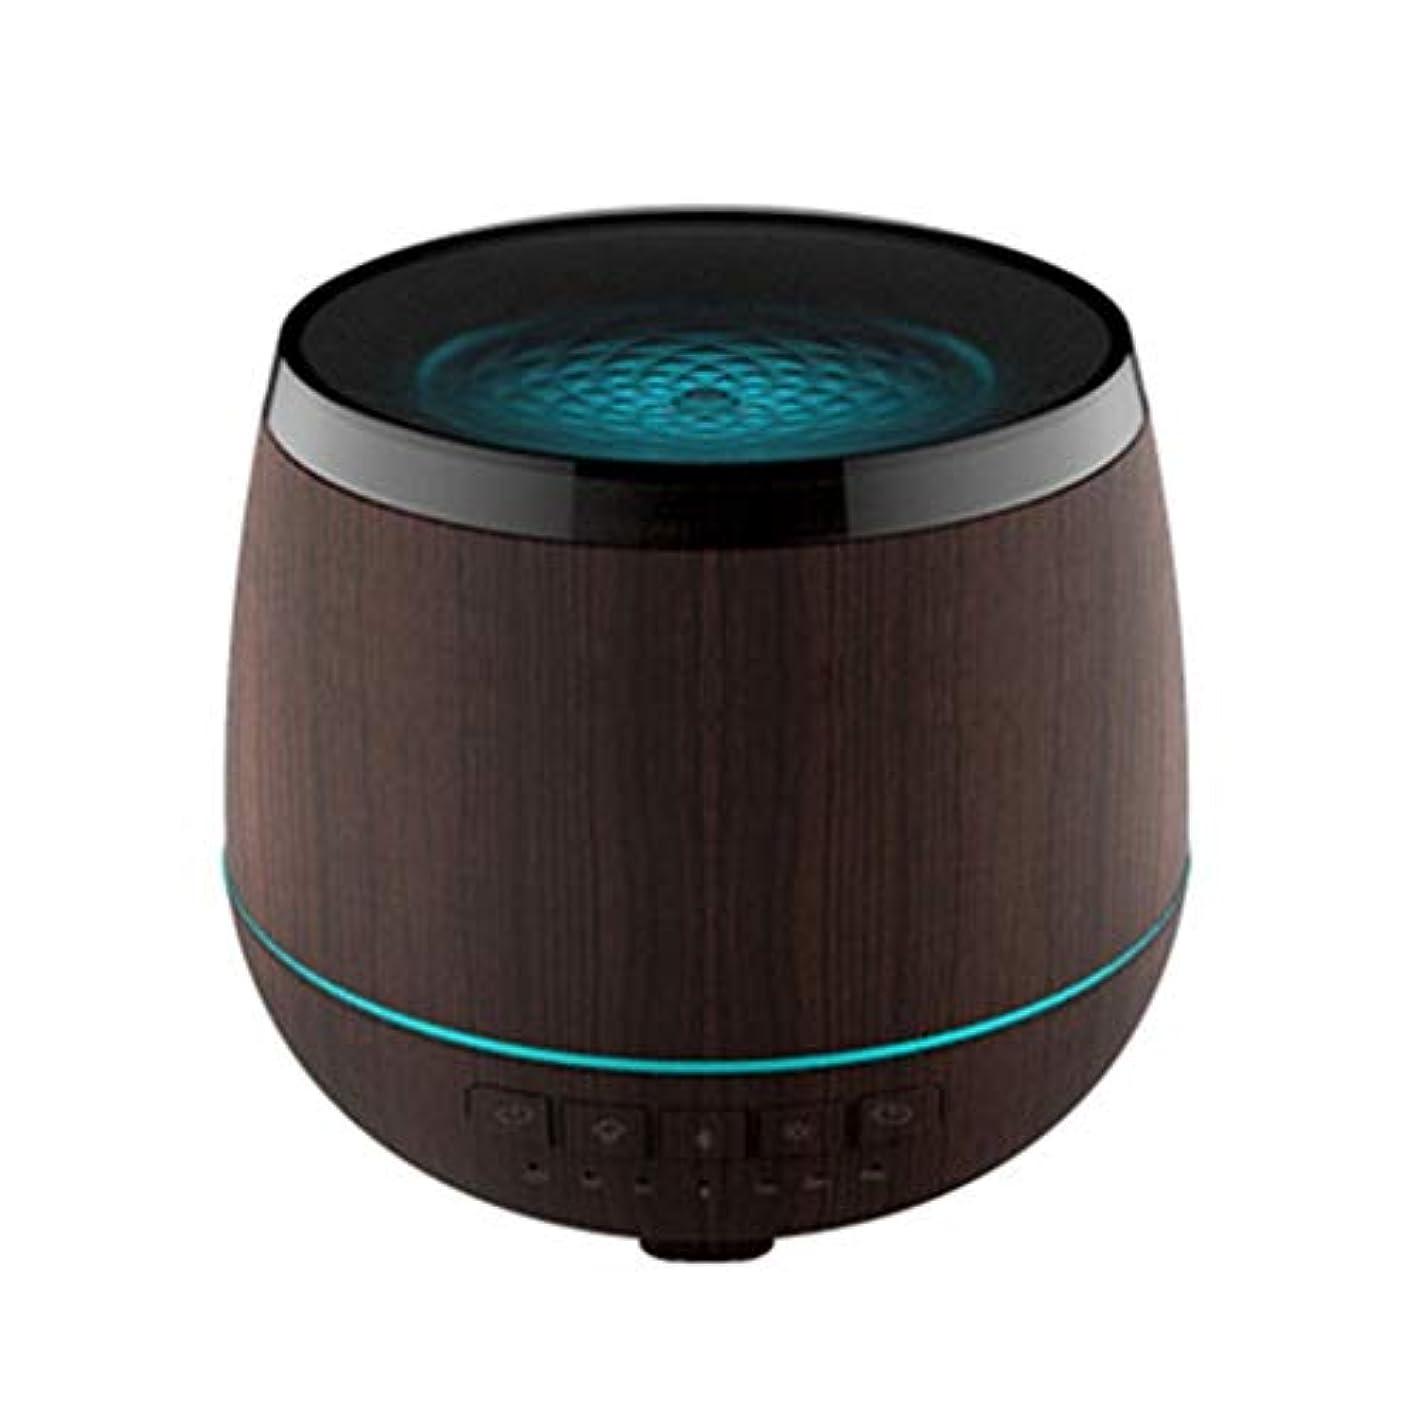 ディスパッチペッカディロ自己尊重スマートなブルートゥースのスピーカーの加湿器、可聴周波超音波炉の必要な夜ライト無言の本社 (Color : Black)